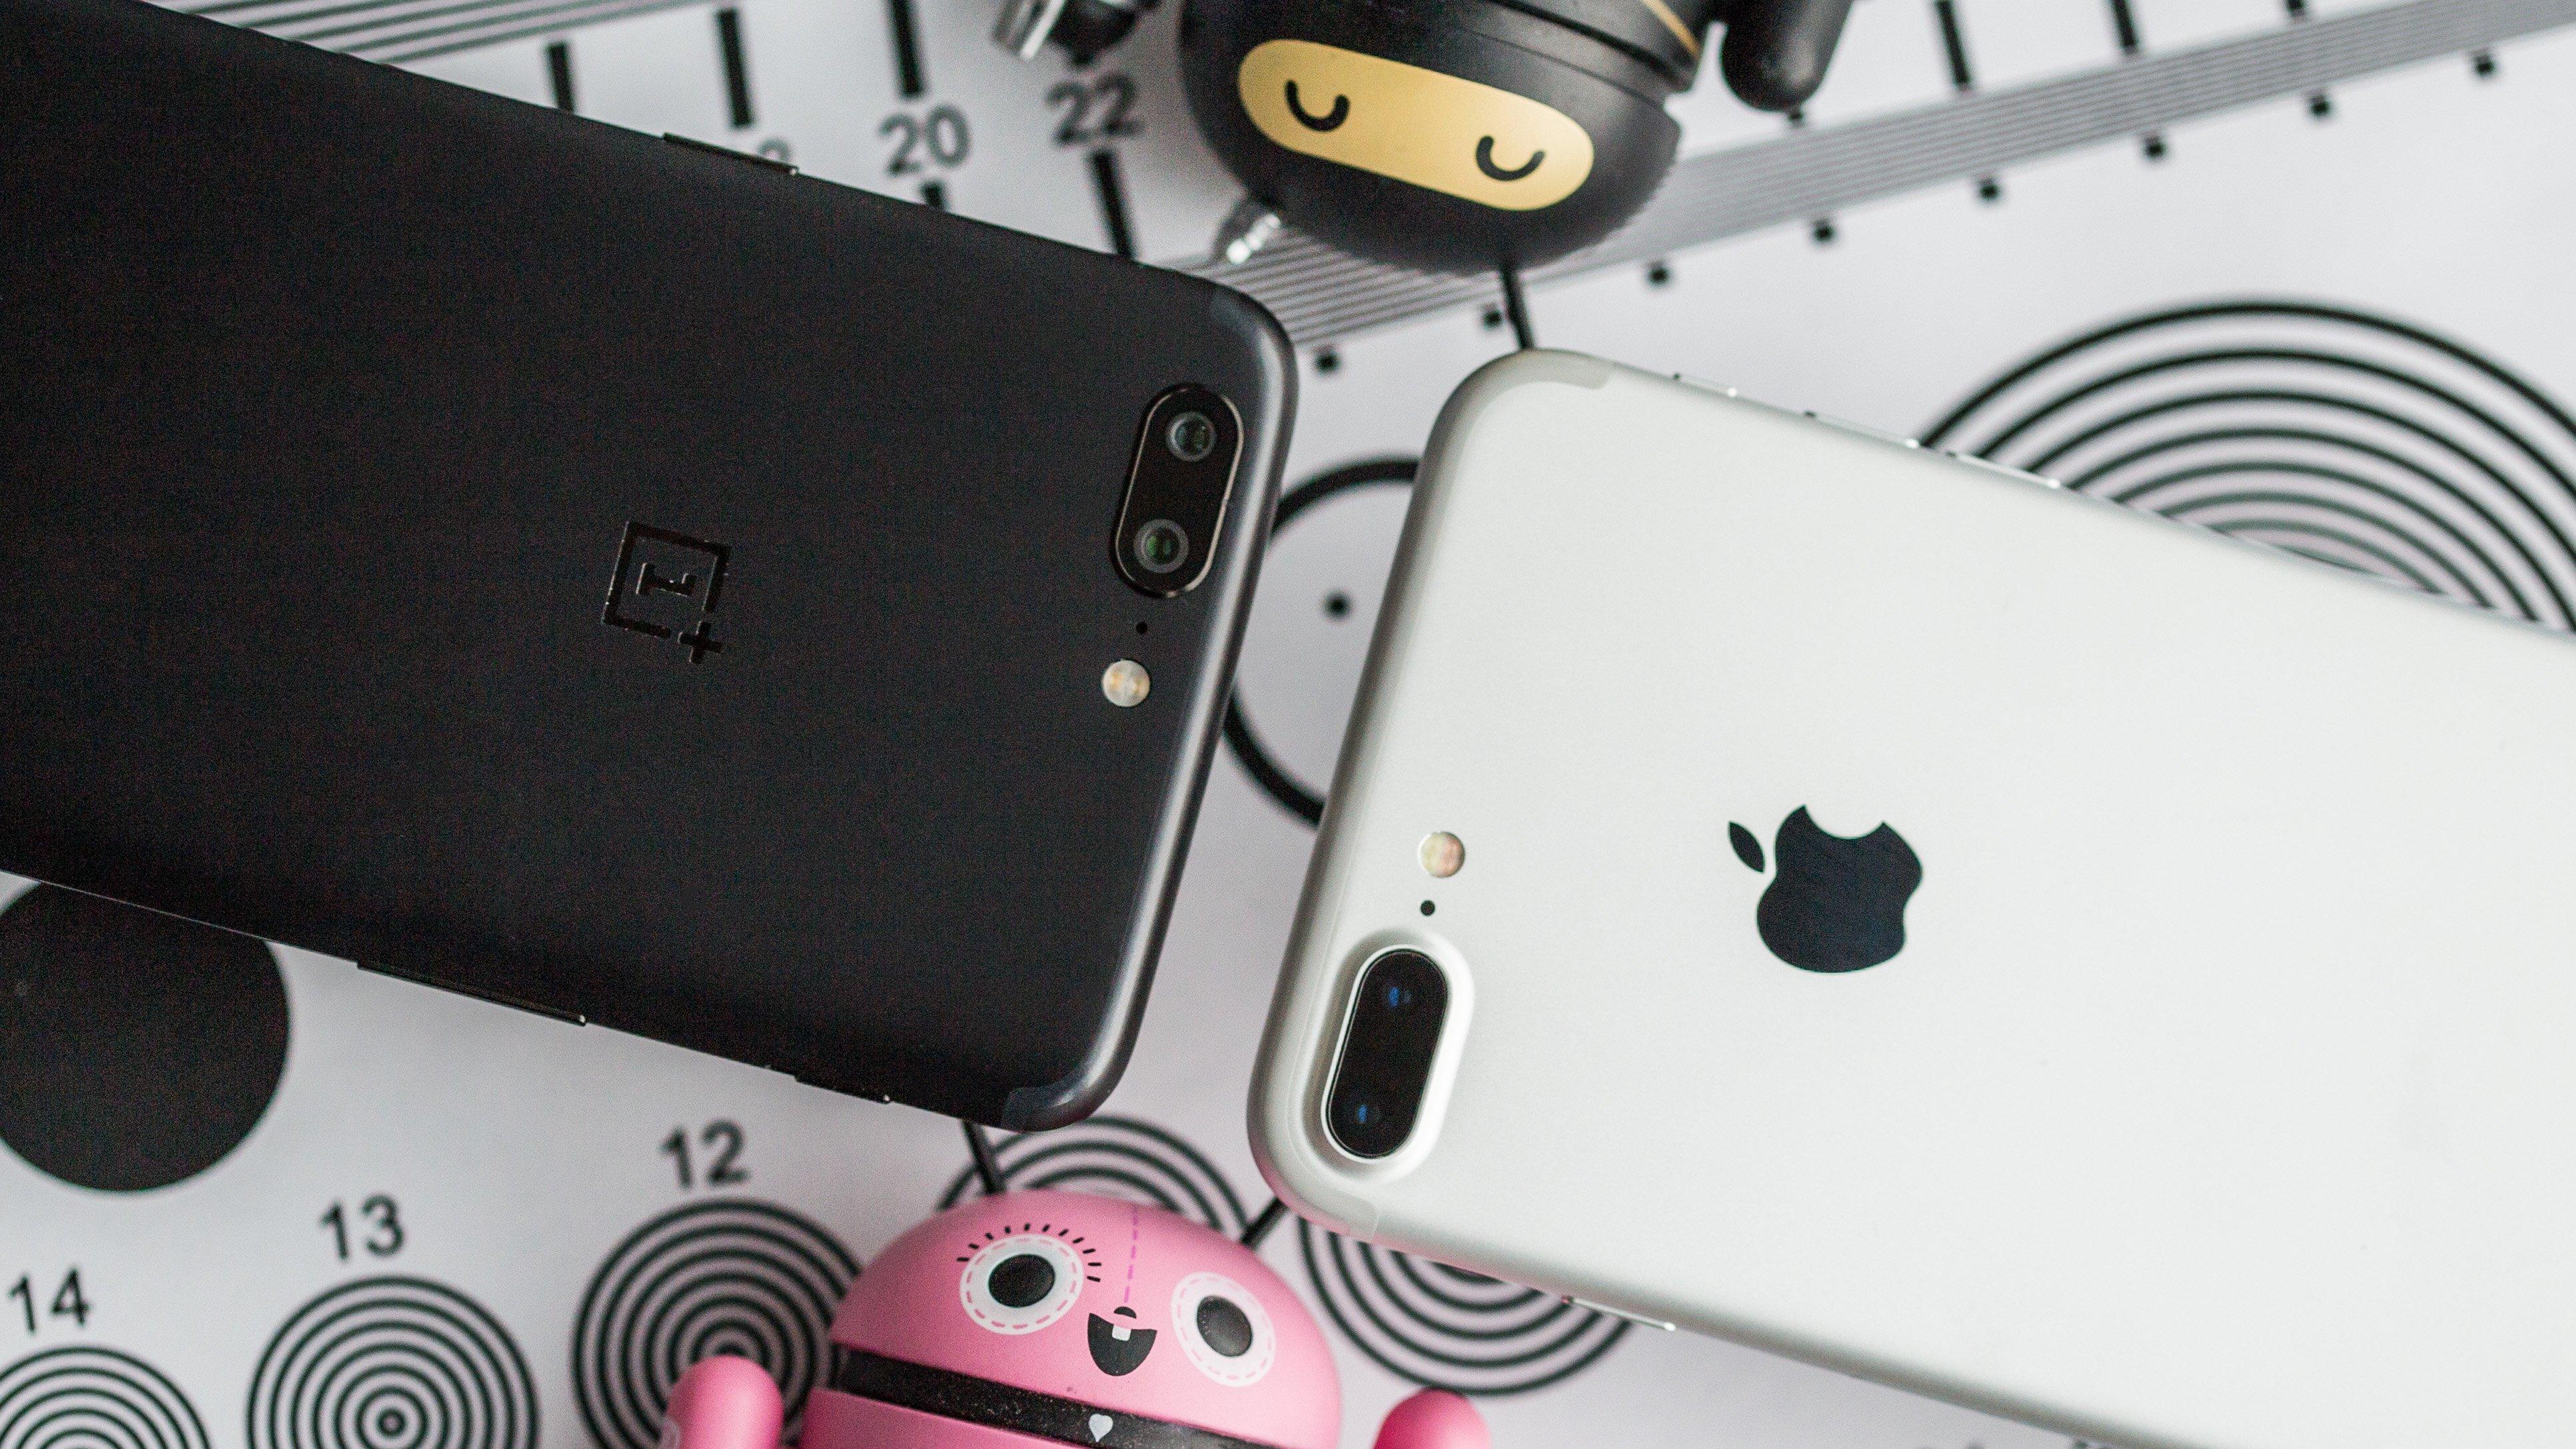 Camera comparison: OnePlus 5 vs Apple iPhone 7 Plus ...